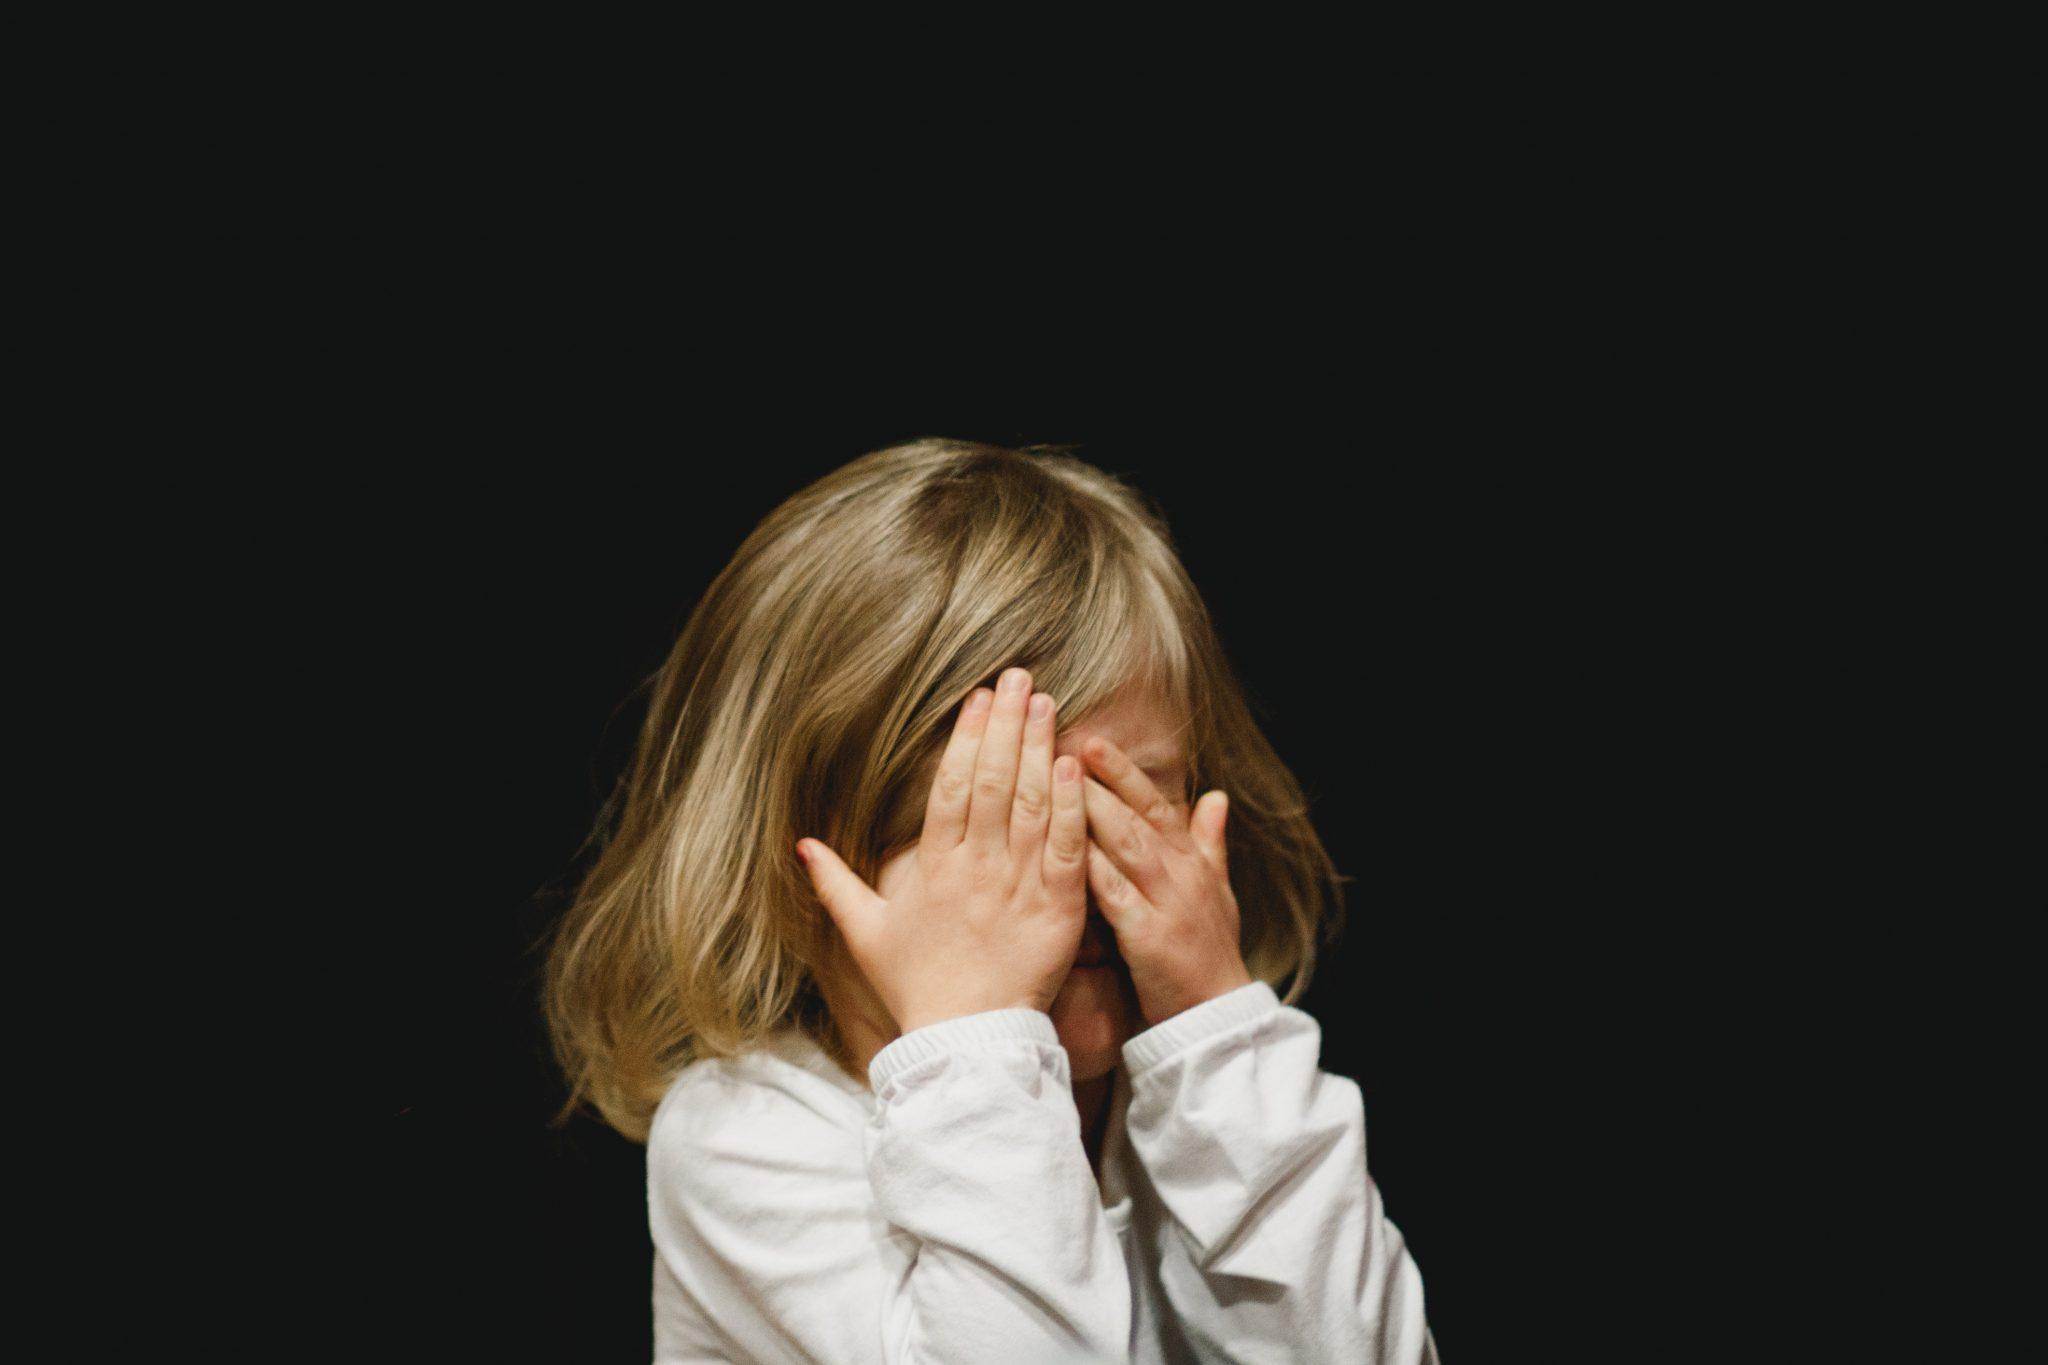 Positivt at nytt pågripelsesgrunnlag i utlendingssaker ikke omfatter barn